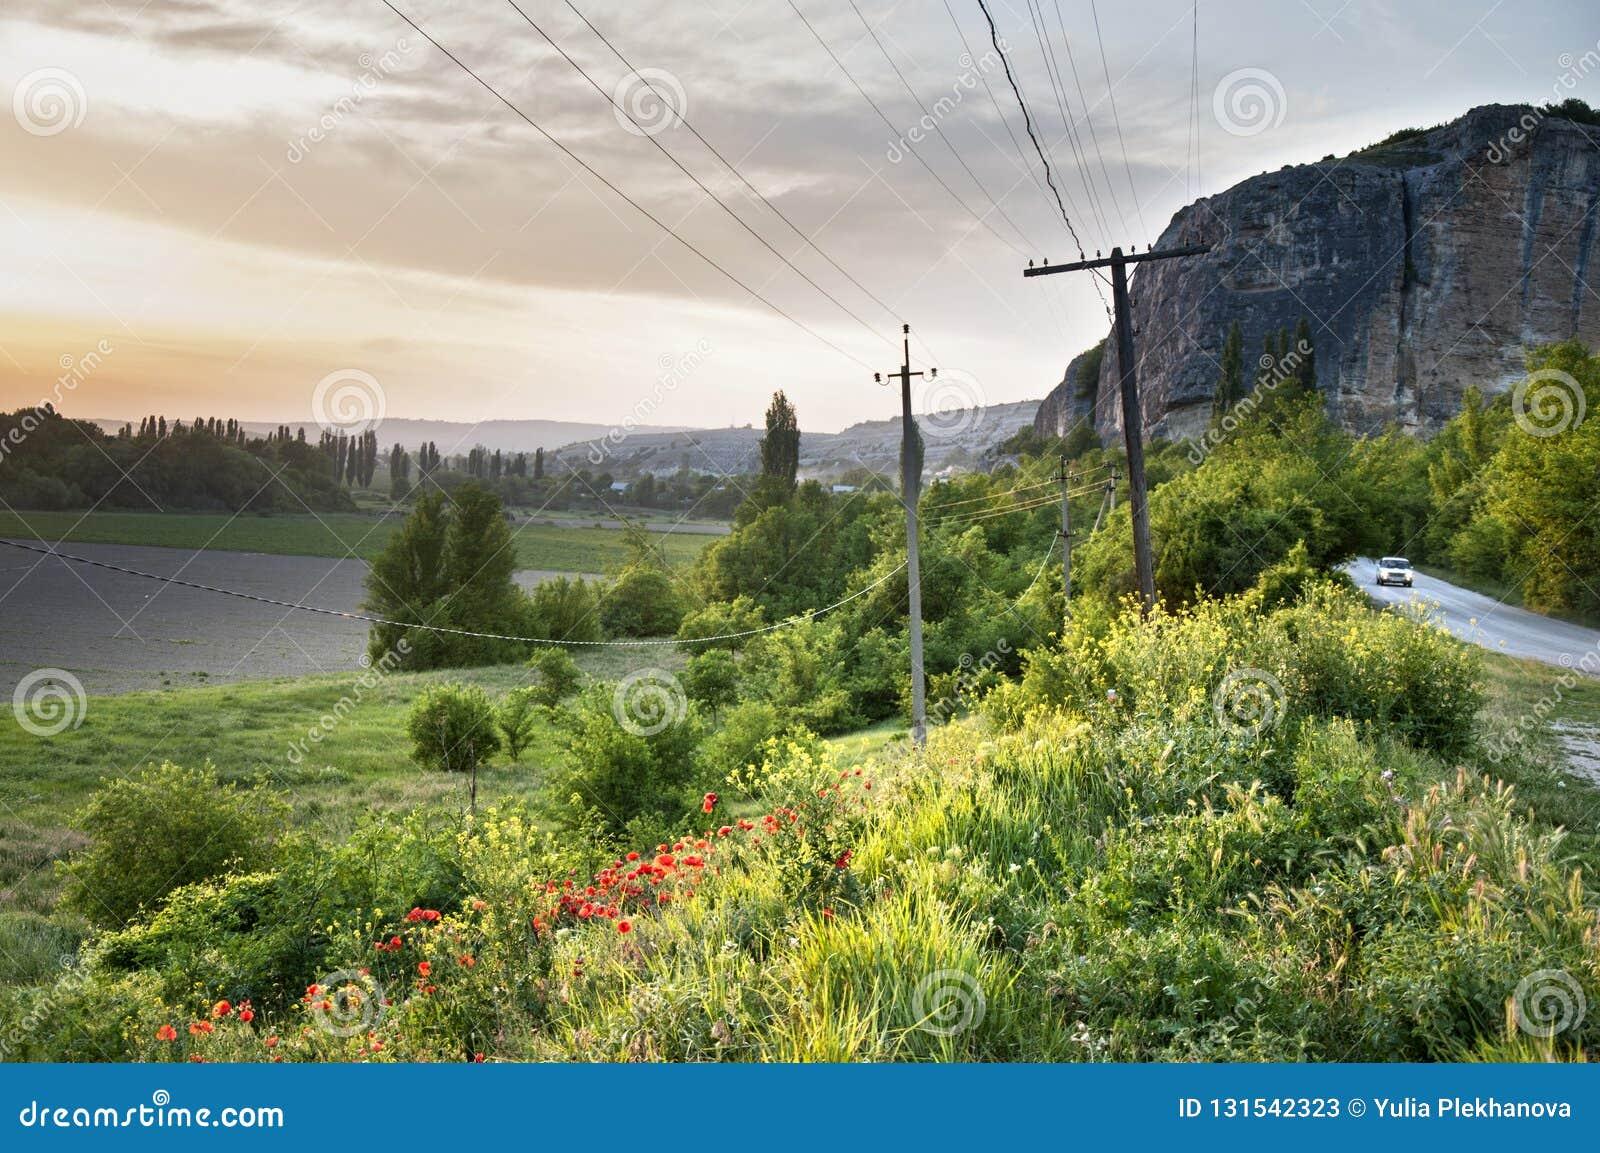 Paisajes del tiempo de primavera montañoso de Crimeain Visión cerca de la ciudad de la cueva de Kachi Kalion cerca de Bakhchisara